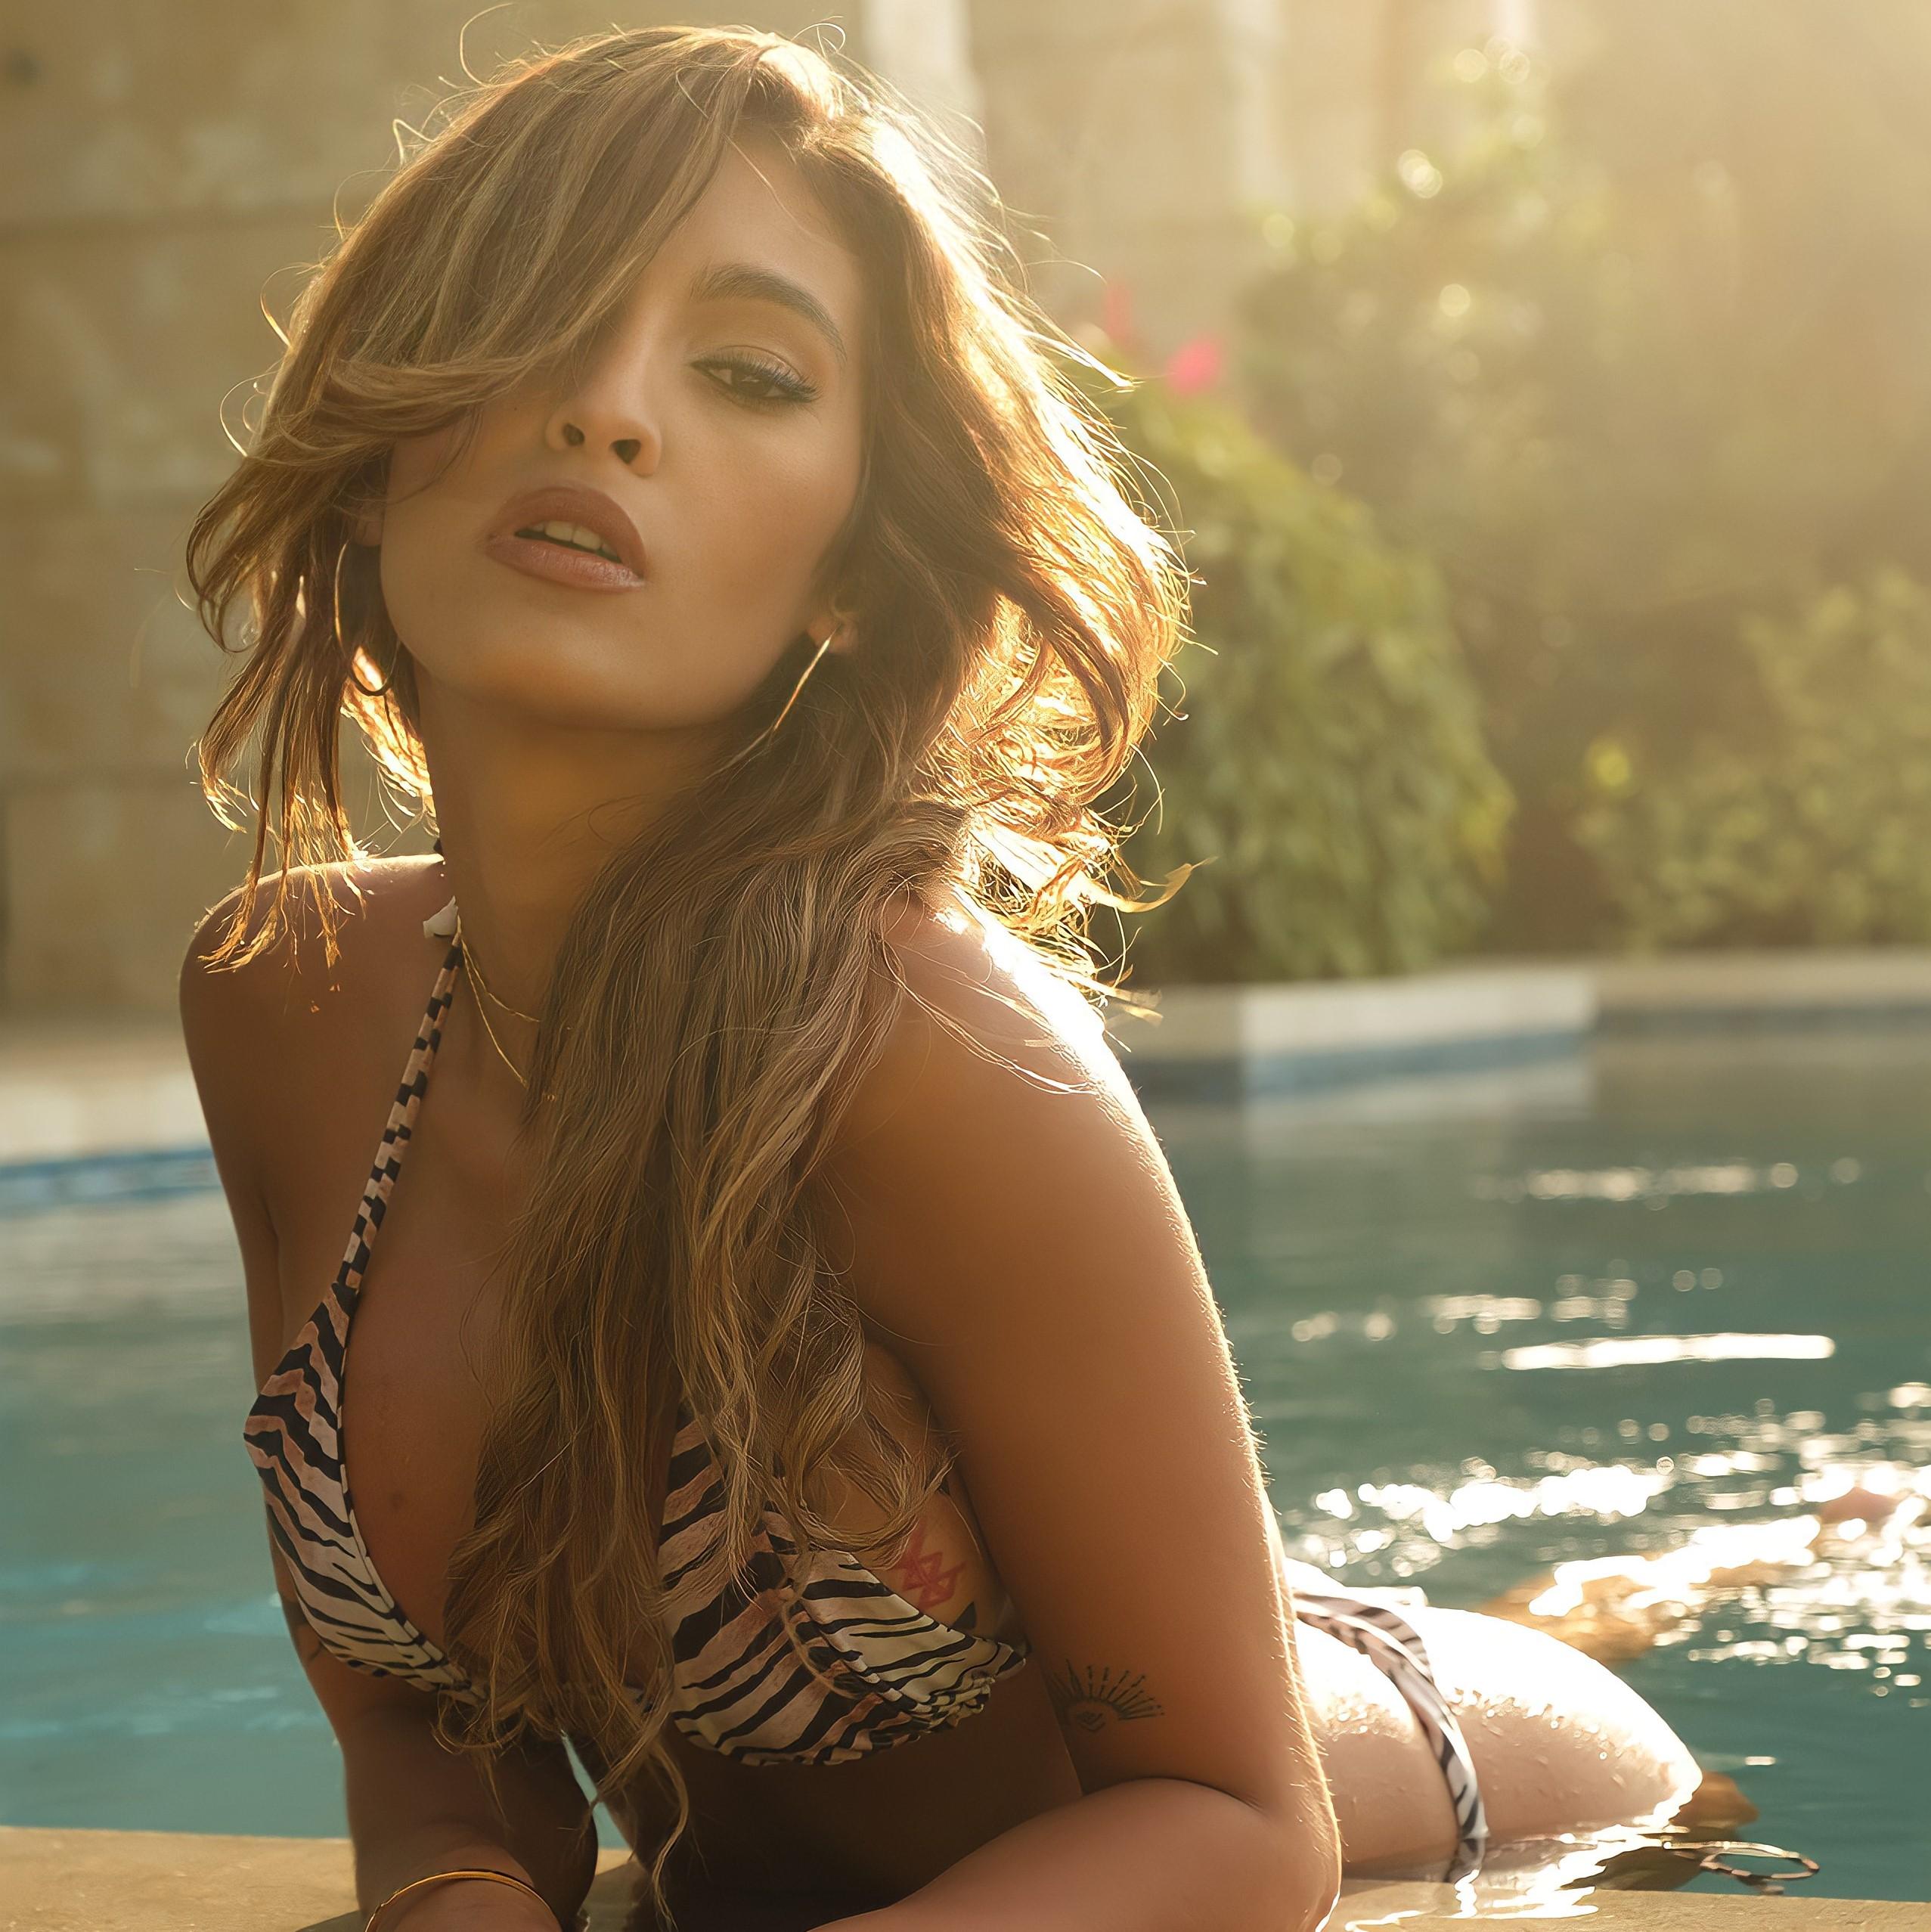 Recibe mensajes de video personalizados de Camila Cadiz en Celevideos